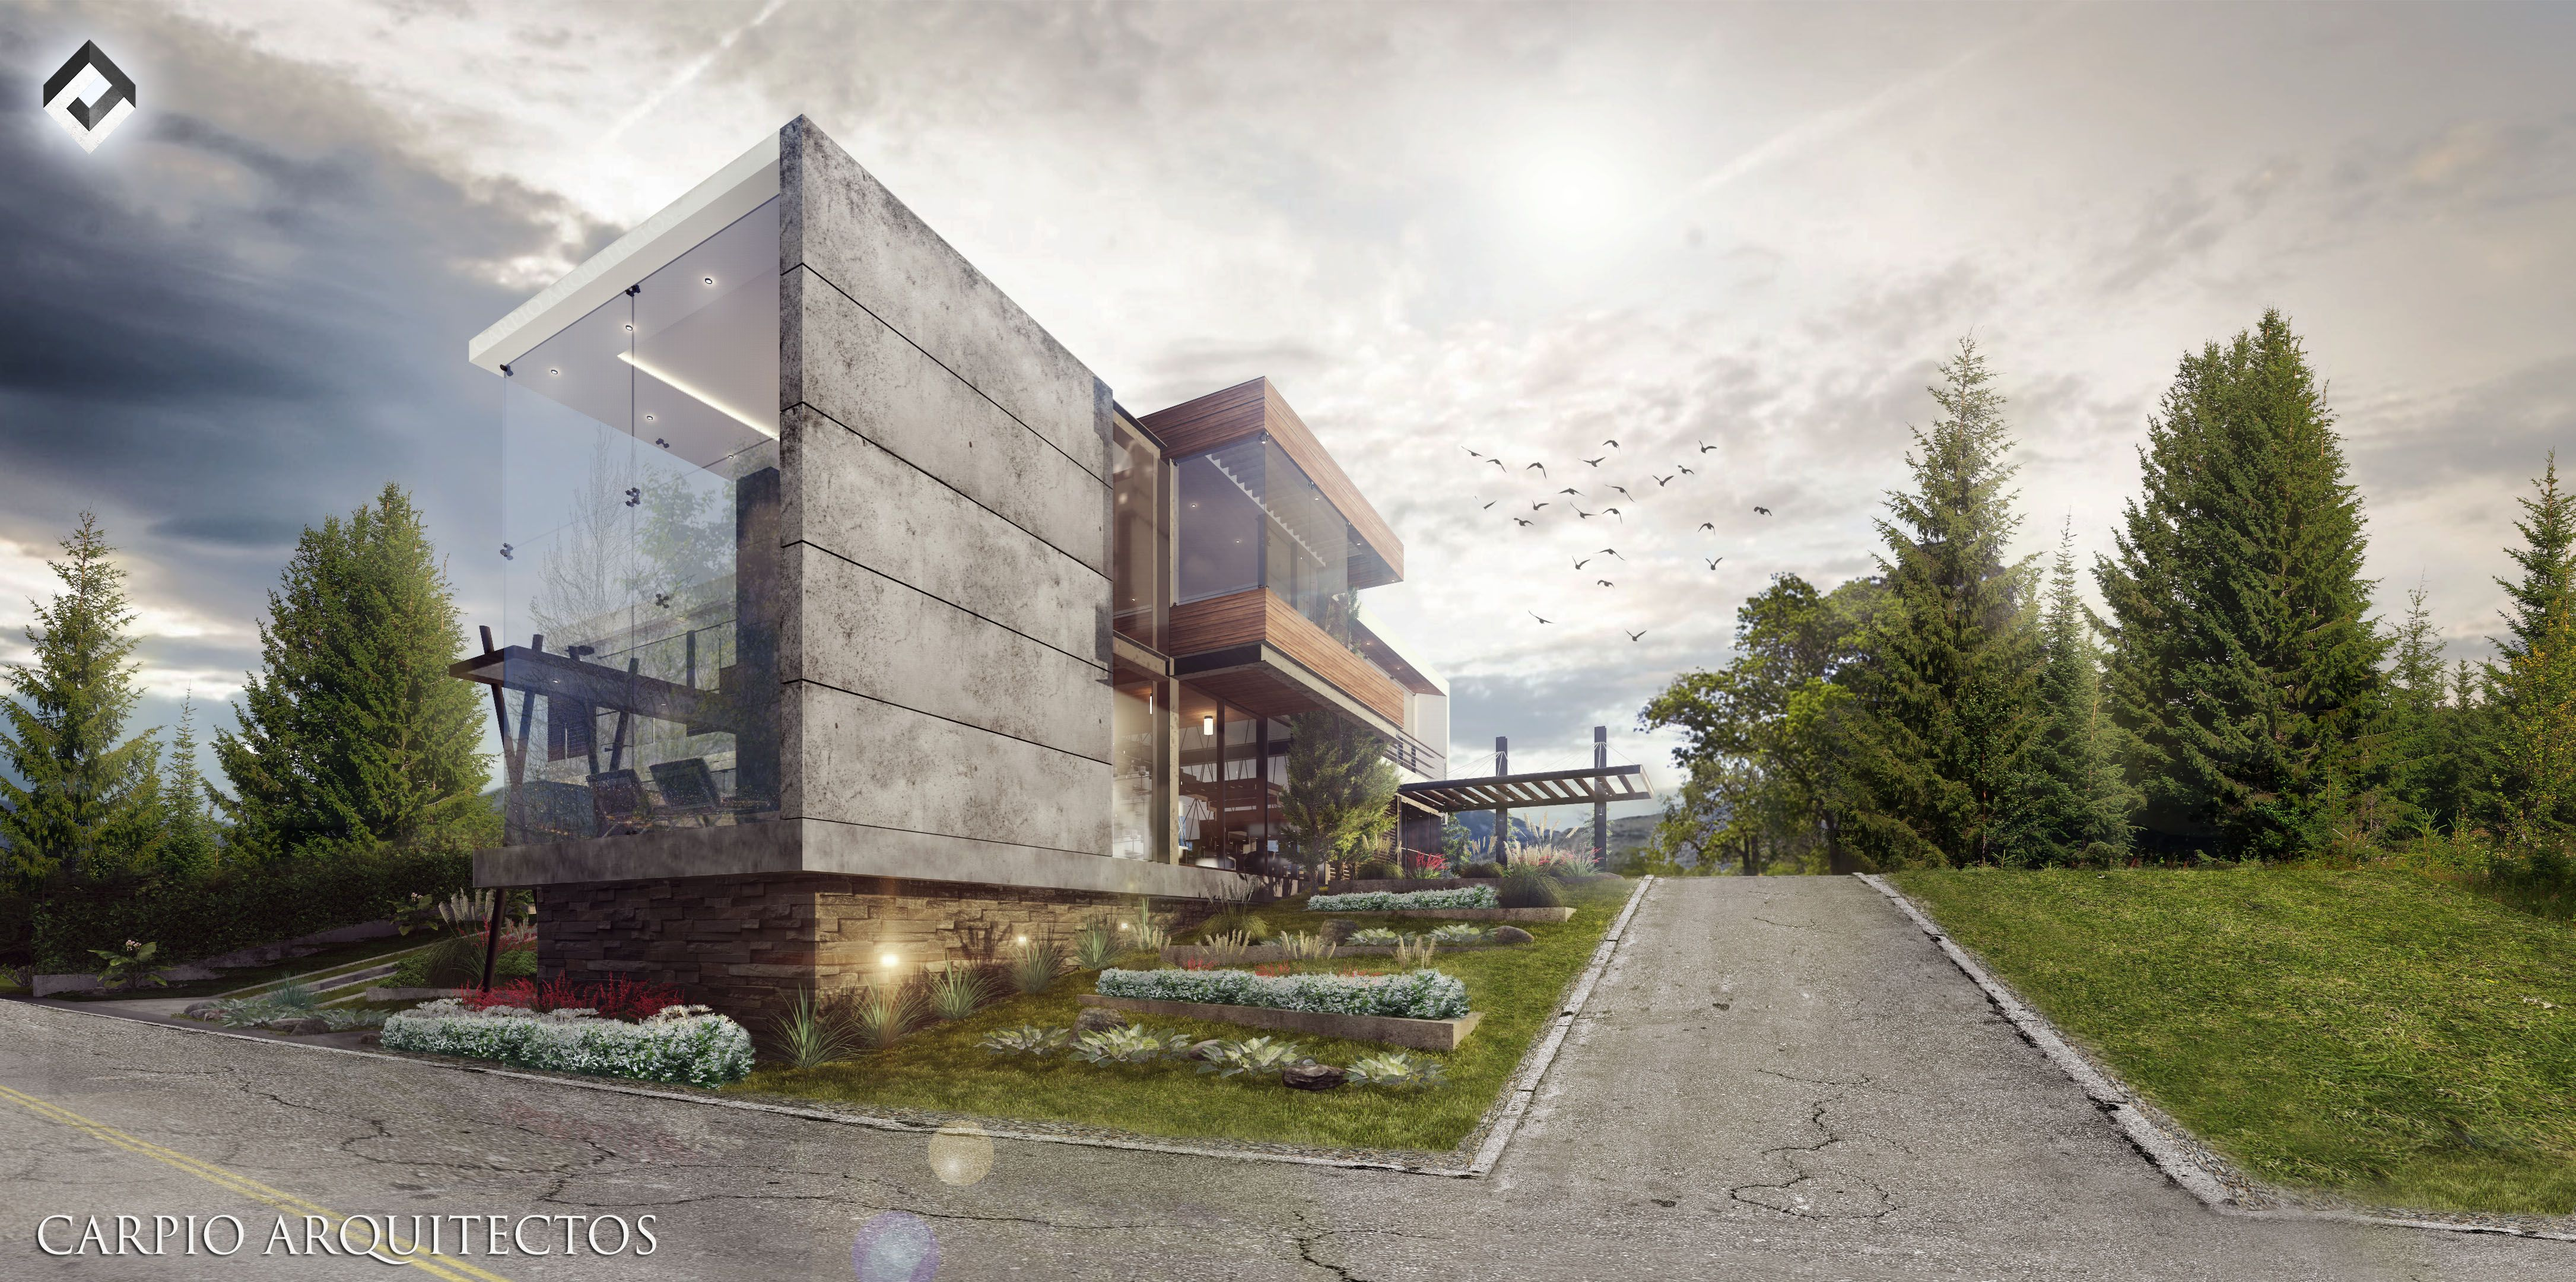 Render vivienda media Arquitectura contemporánea Render lumion Photoshop postproducción / postproduction  PROYECTO_VM_ DISEÑO: Arq. Ismael Carpio F  CARPIO_Arquitectos Cuenca_Ecuador